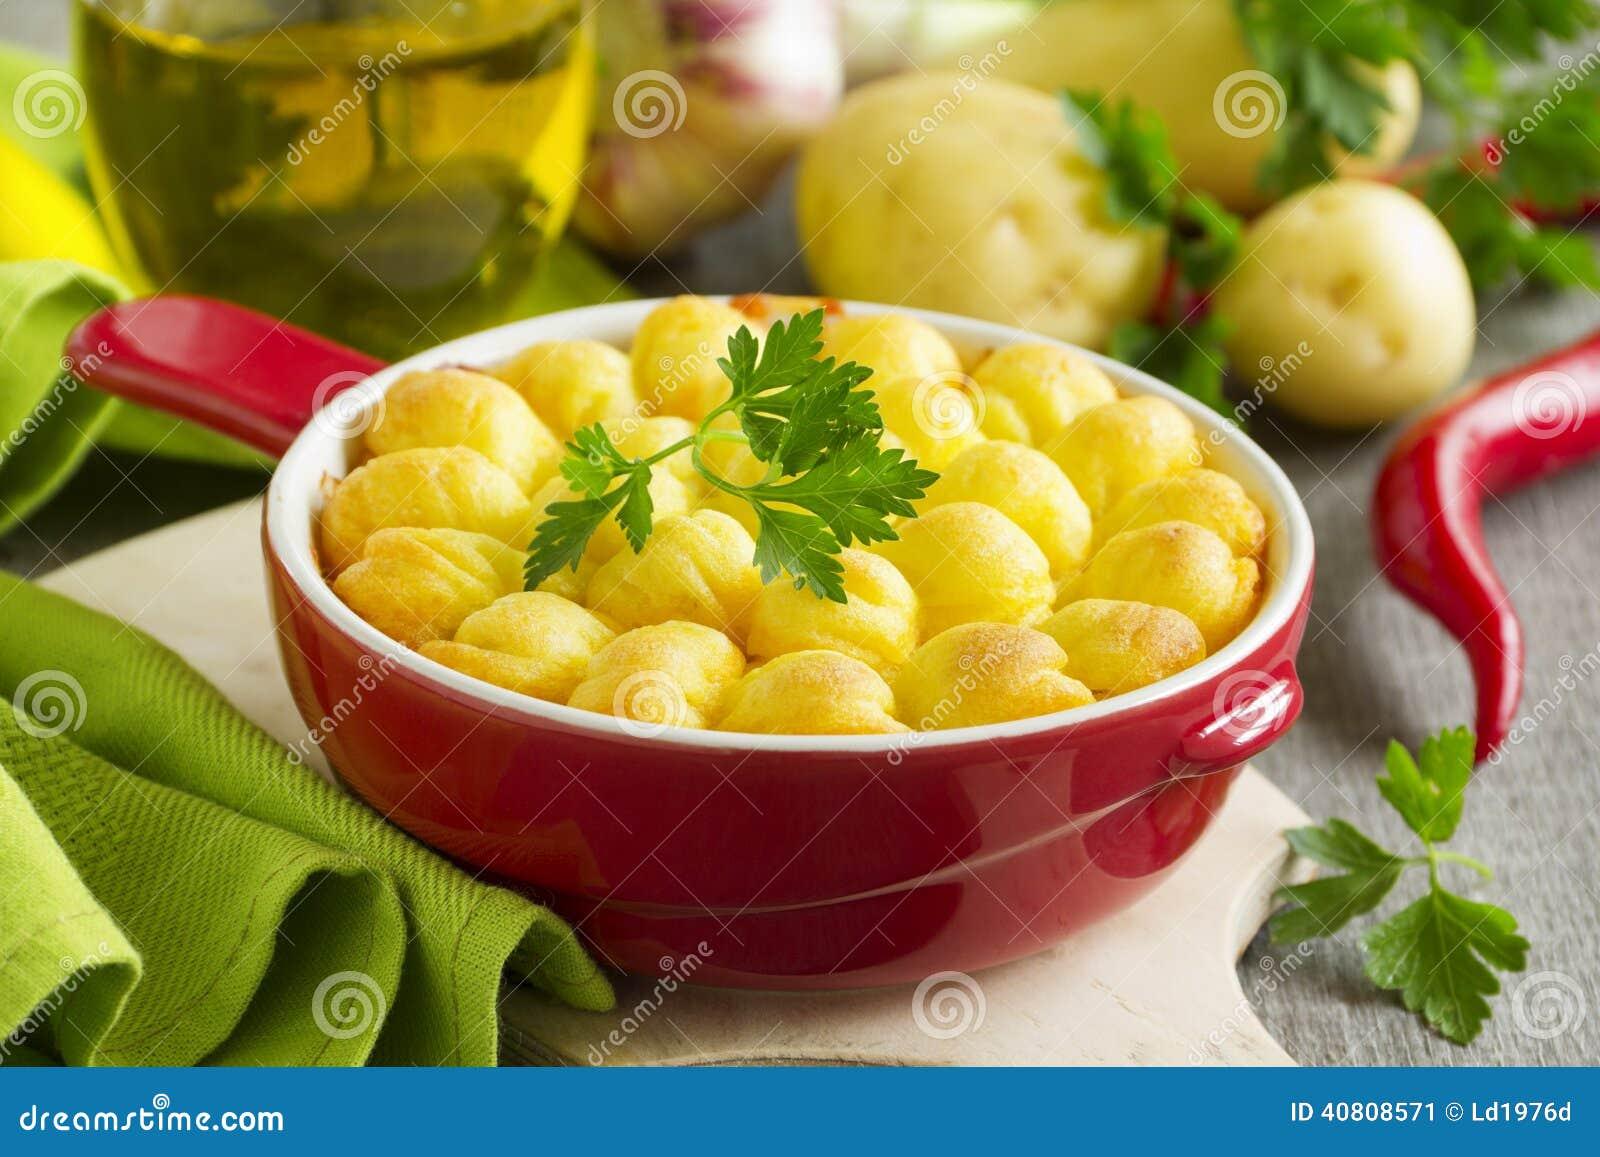 Torta Di Carne, Cucina Inglese Immagine Stock - Immagine di ...